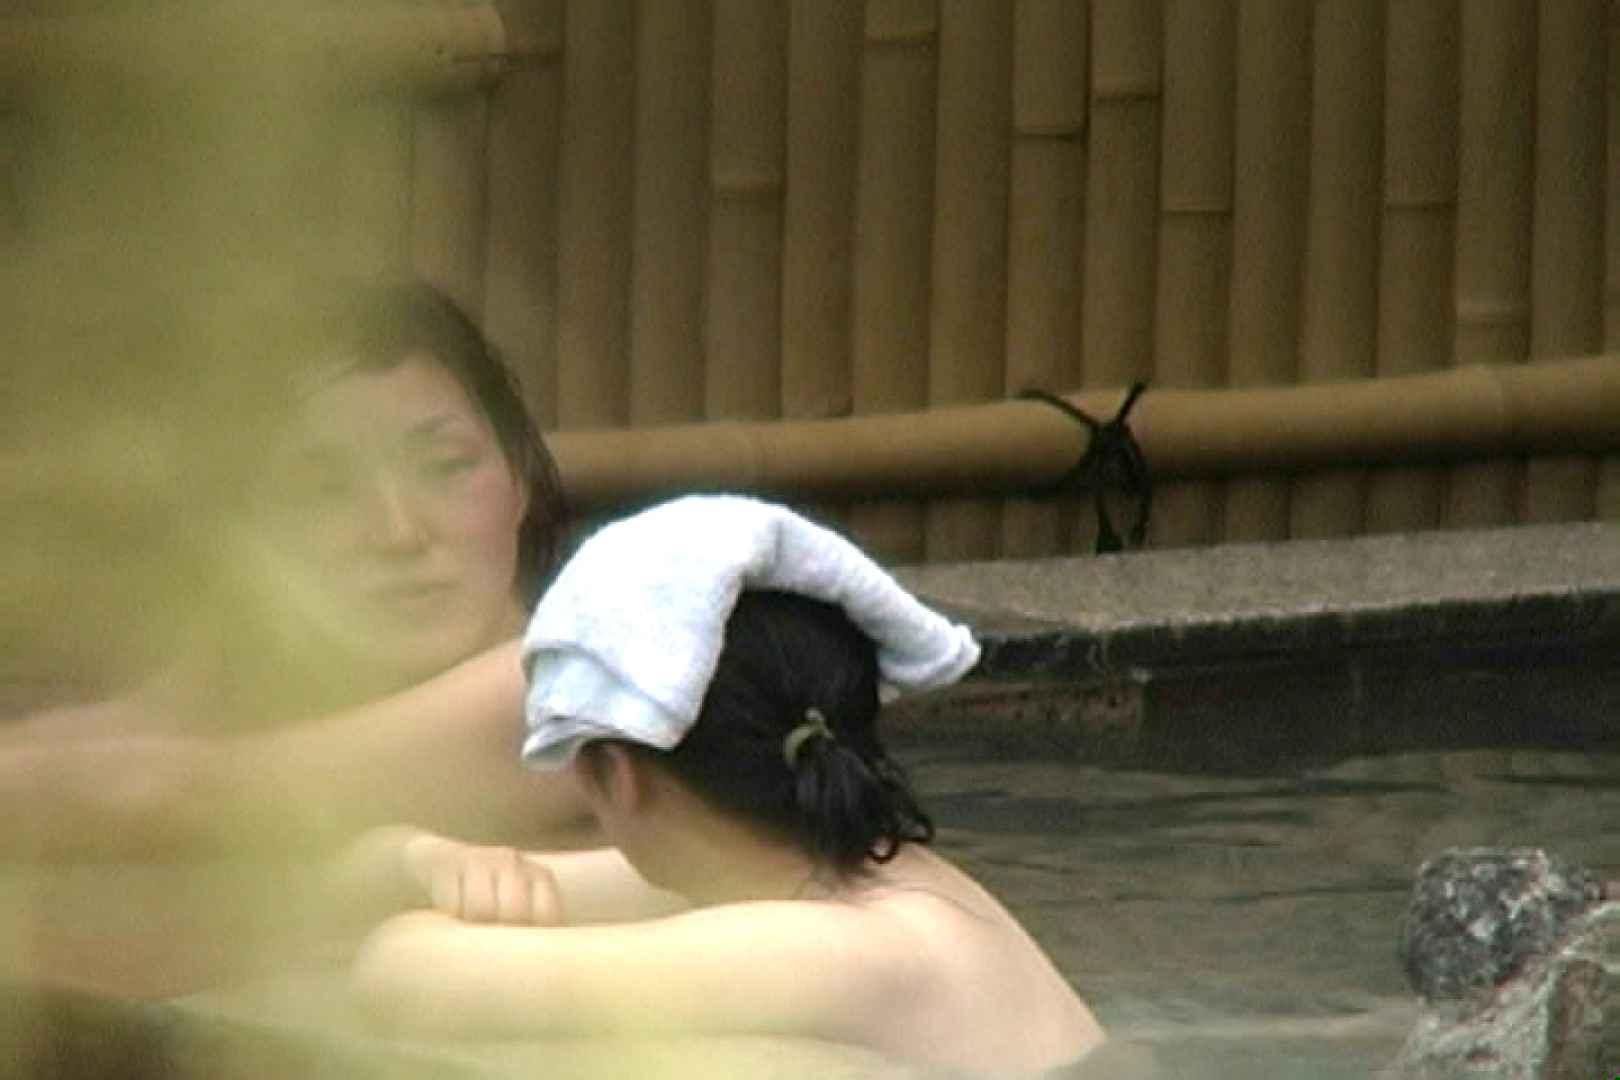 Aquaな露天風呂Vol.109 美しいOLの裸体  97pic 90